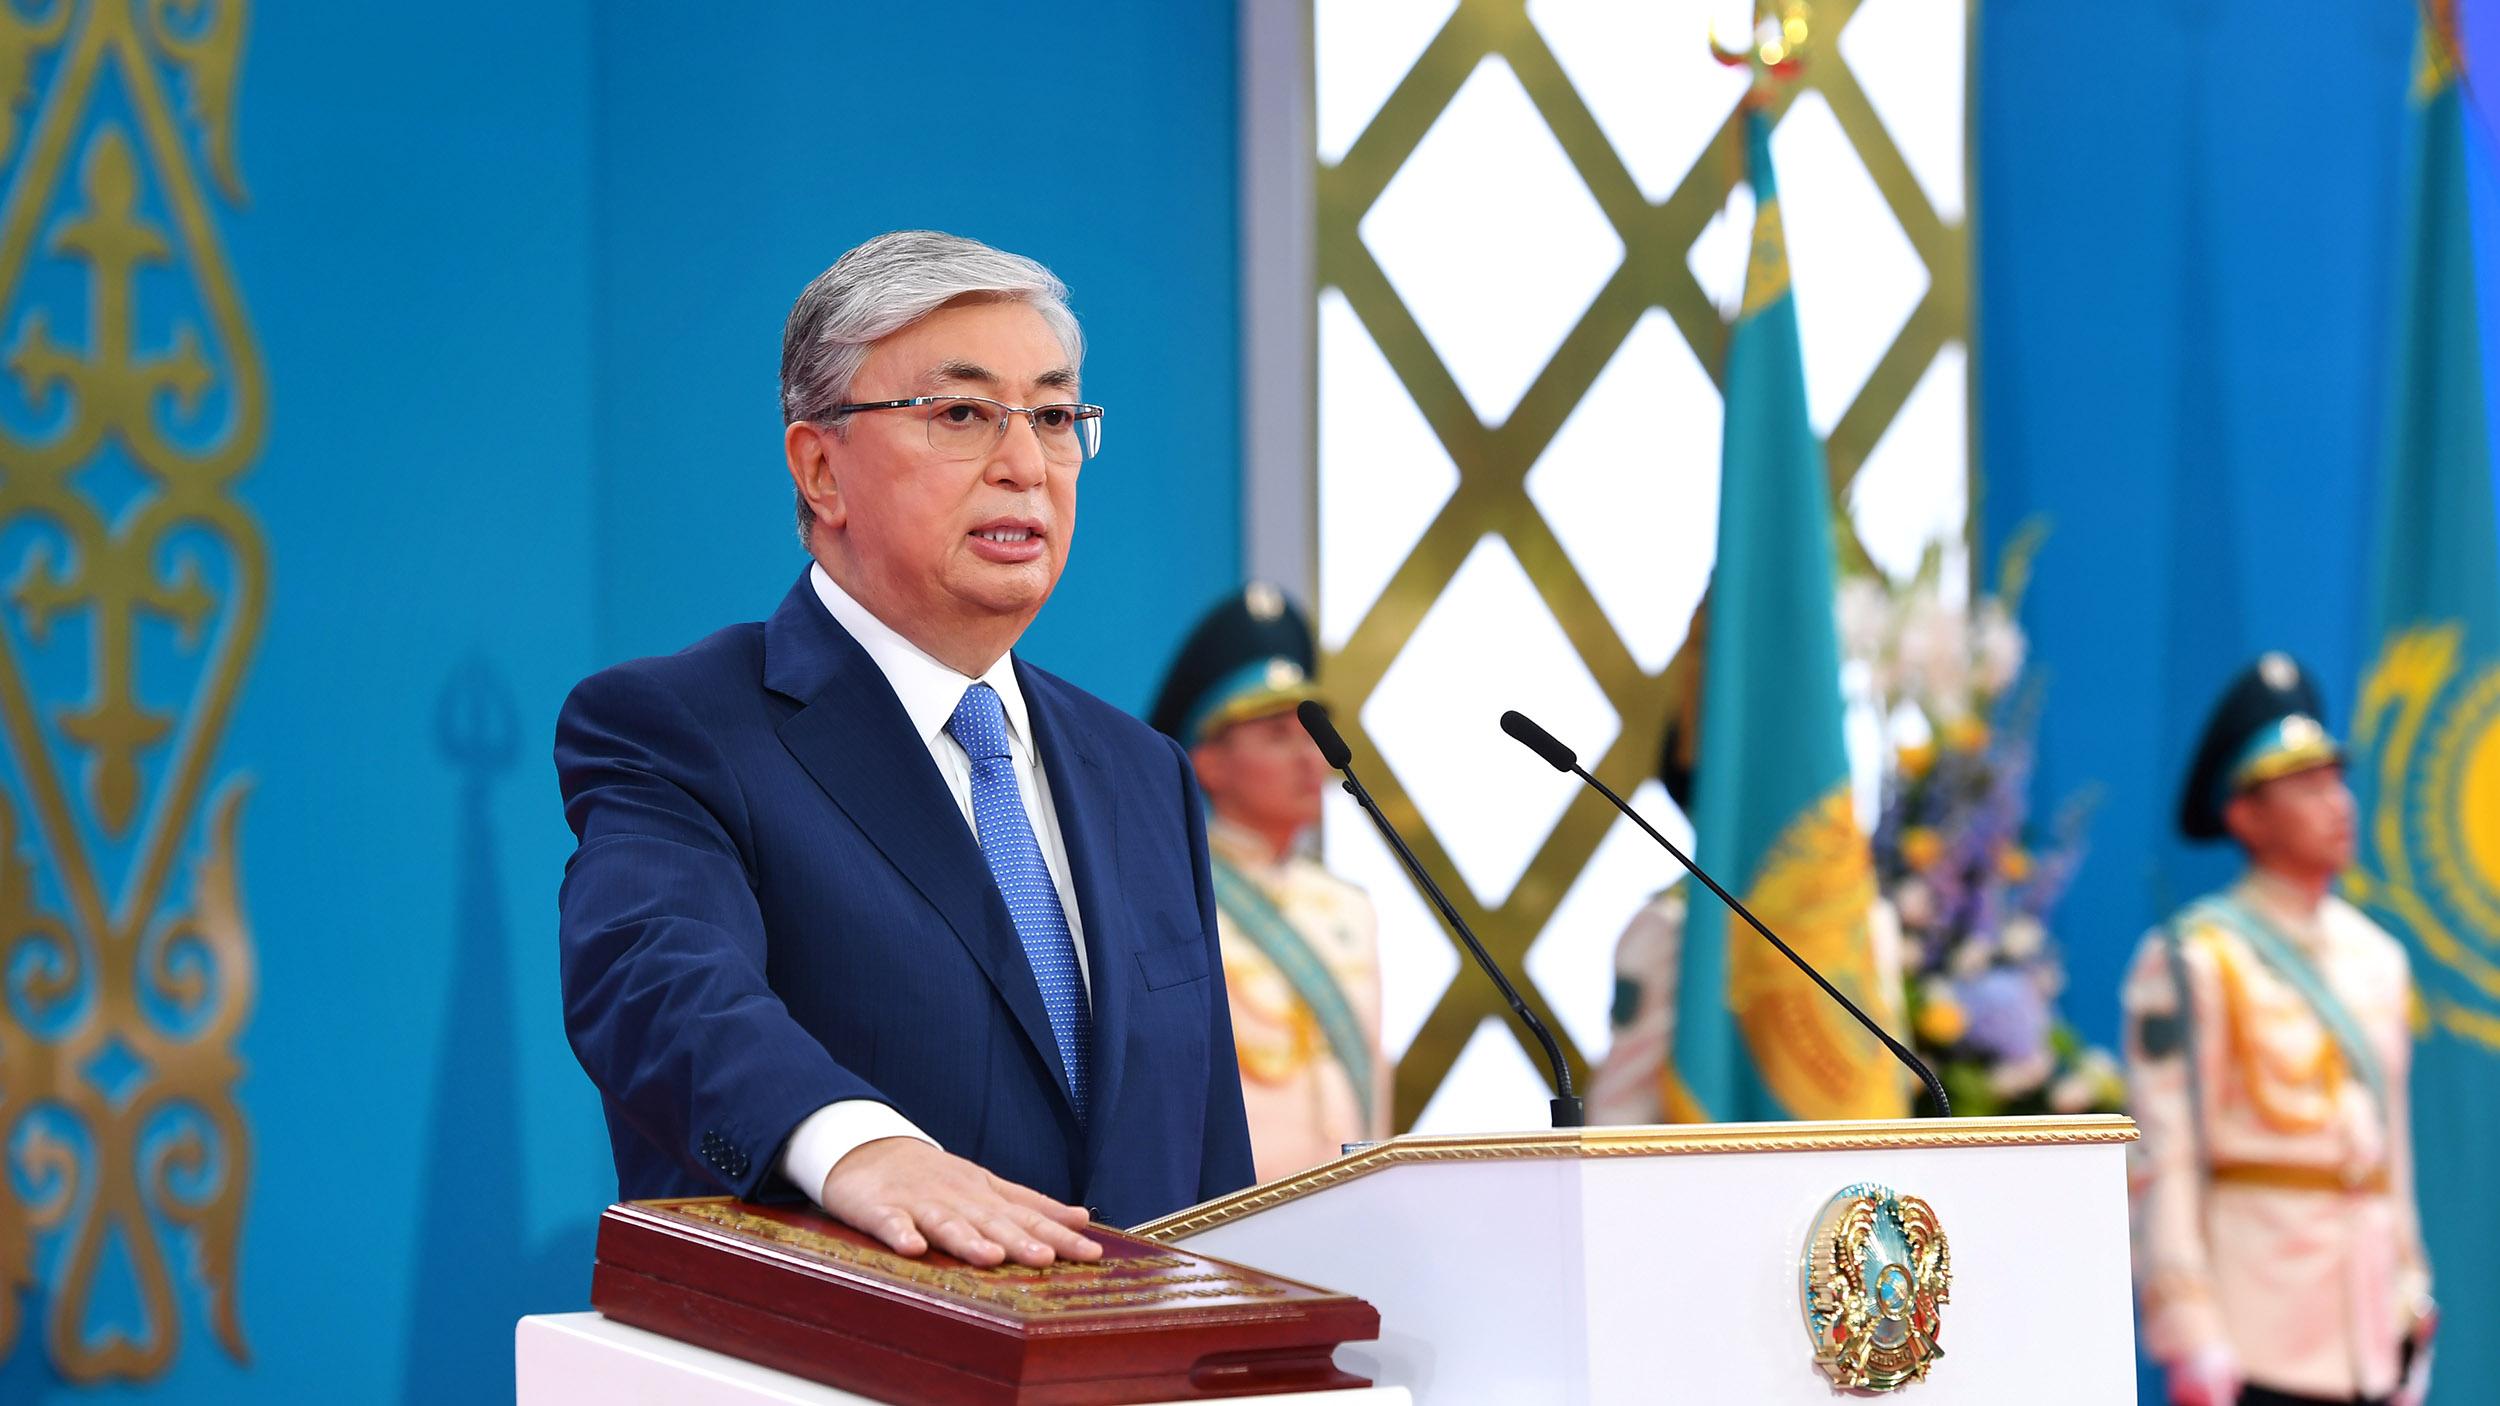 Анонс фильма к годовщине инаугурации Президента РК Касым-Жомарта Токаева